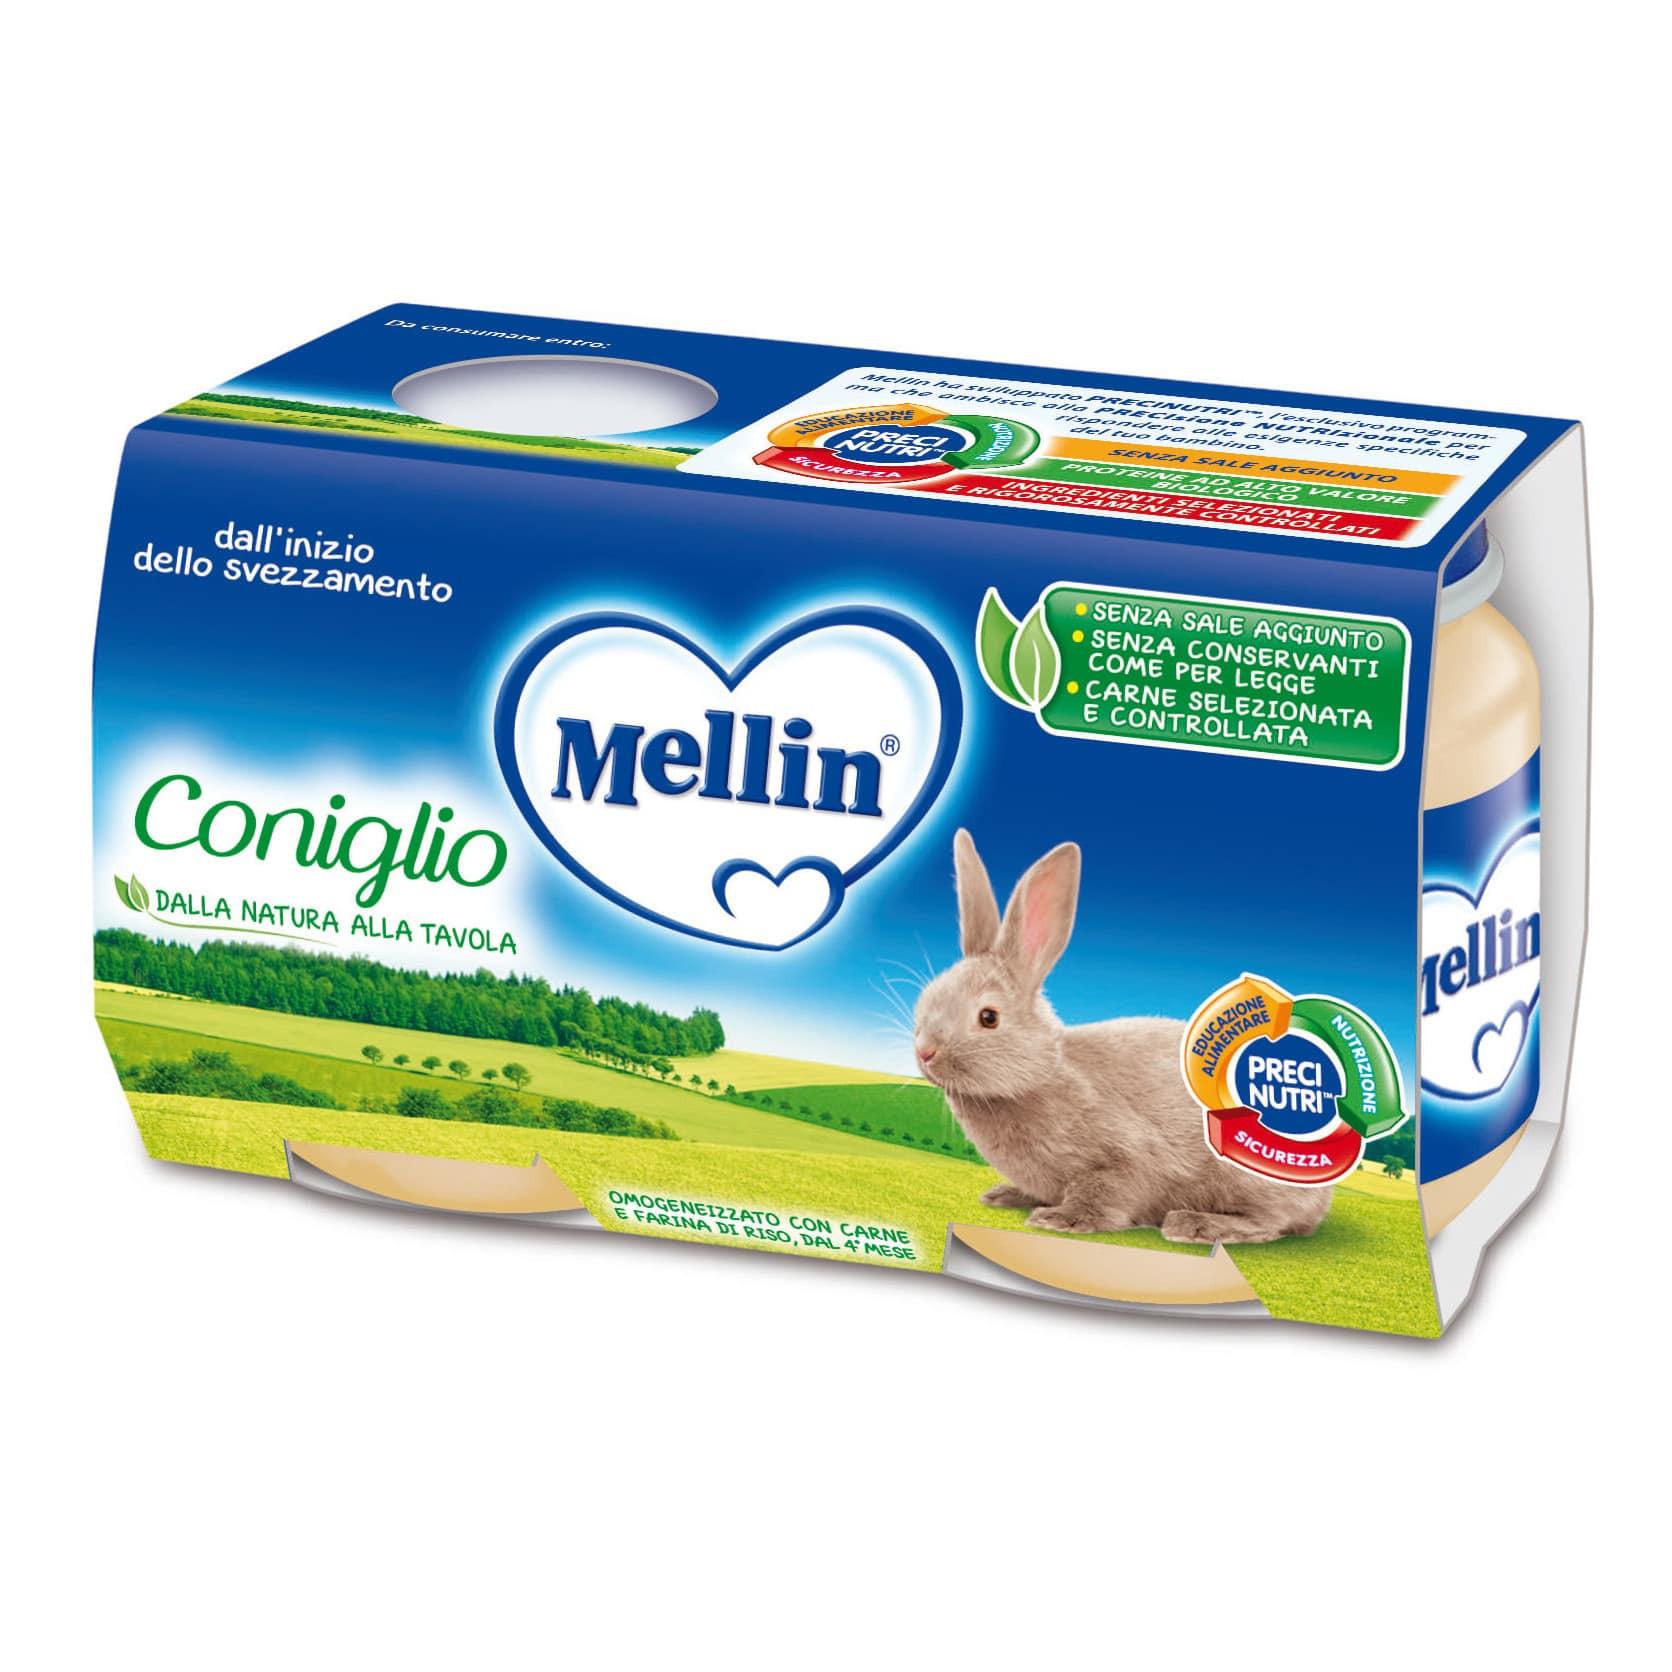 Omogeneizzato Coniglio Mellin - 2 x 120 g